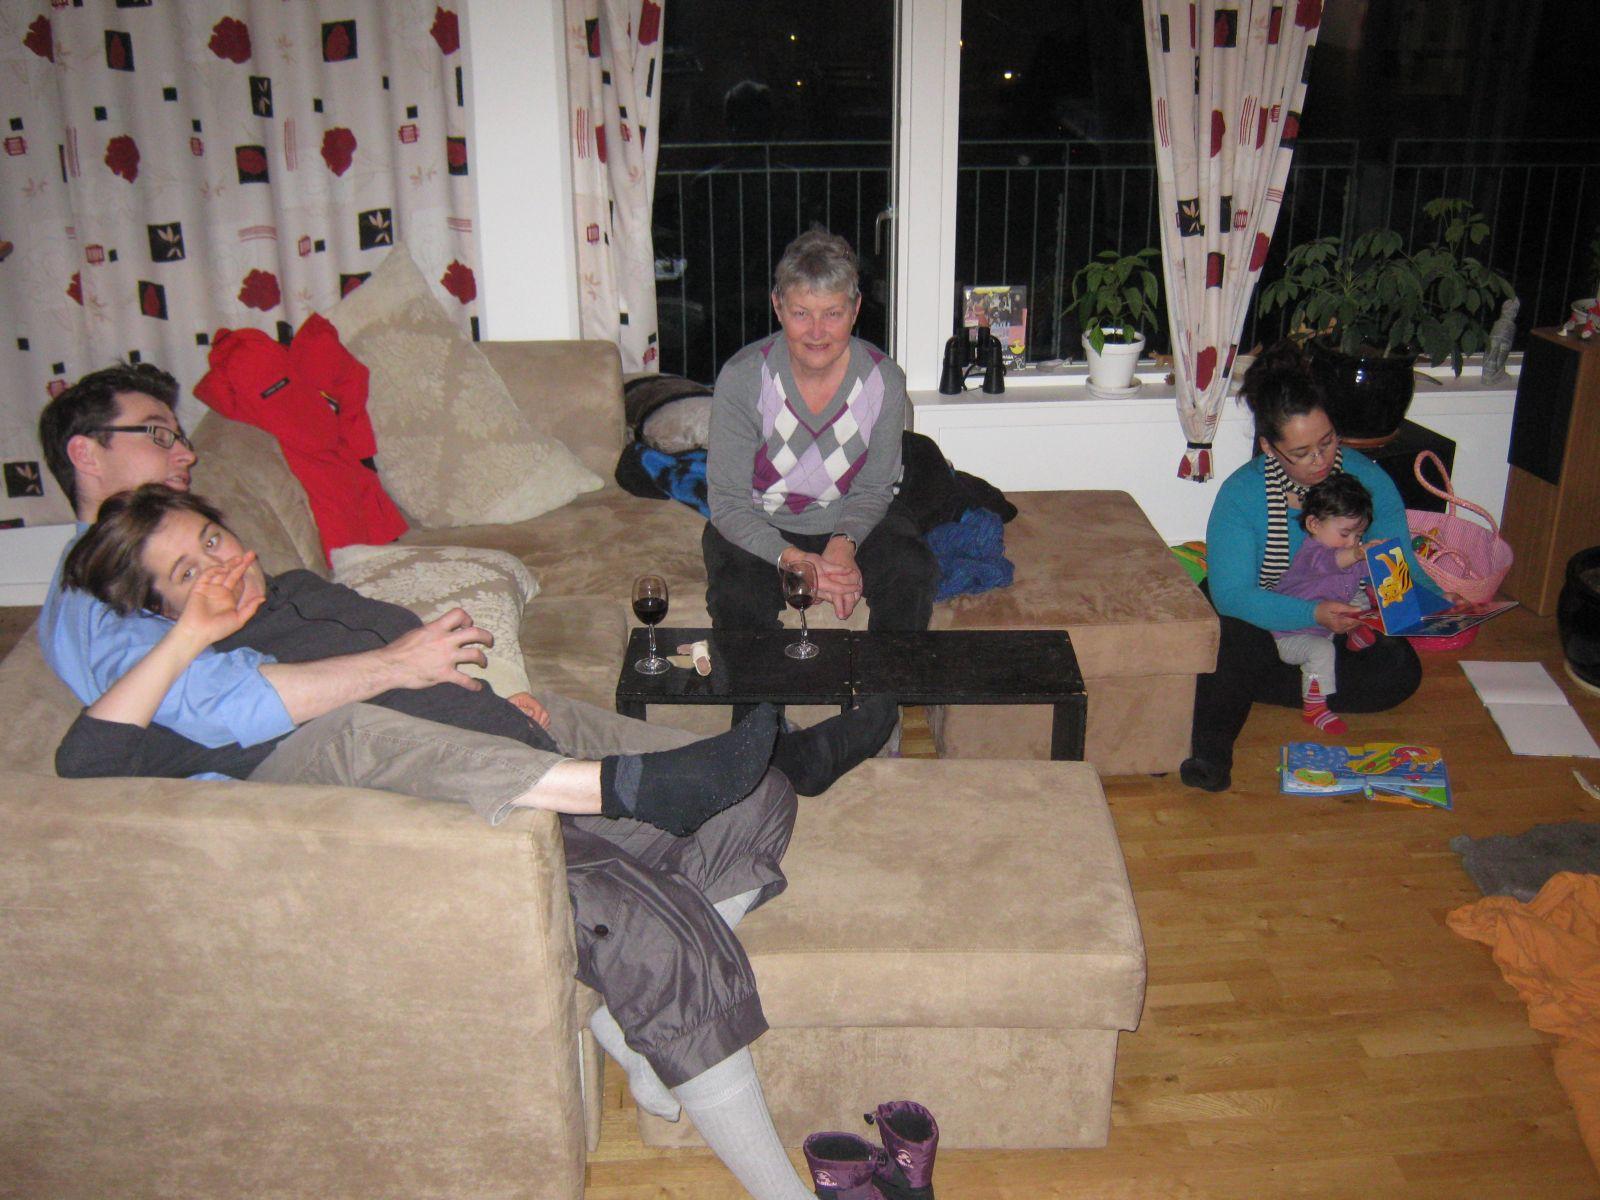 2009-12-16-1837_Jesper Eugenius Labansen; Maritha Eugenius Labansen; Ruth Labansen